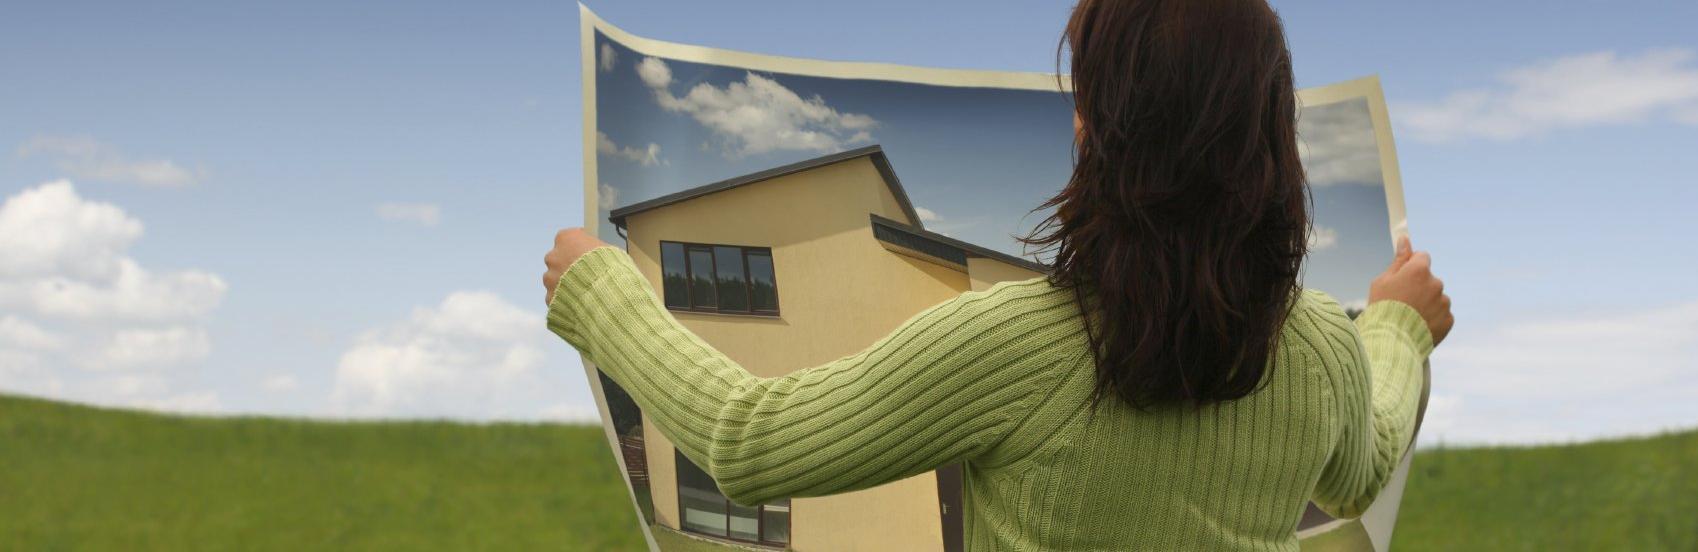 Способы бесплатно получить землю под строительство дома